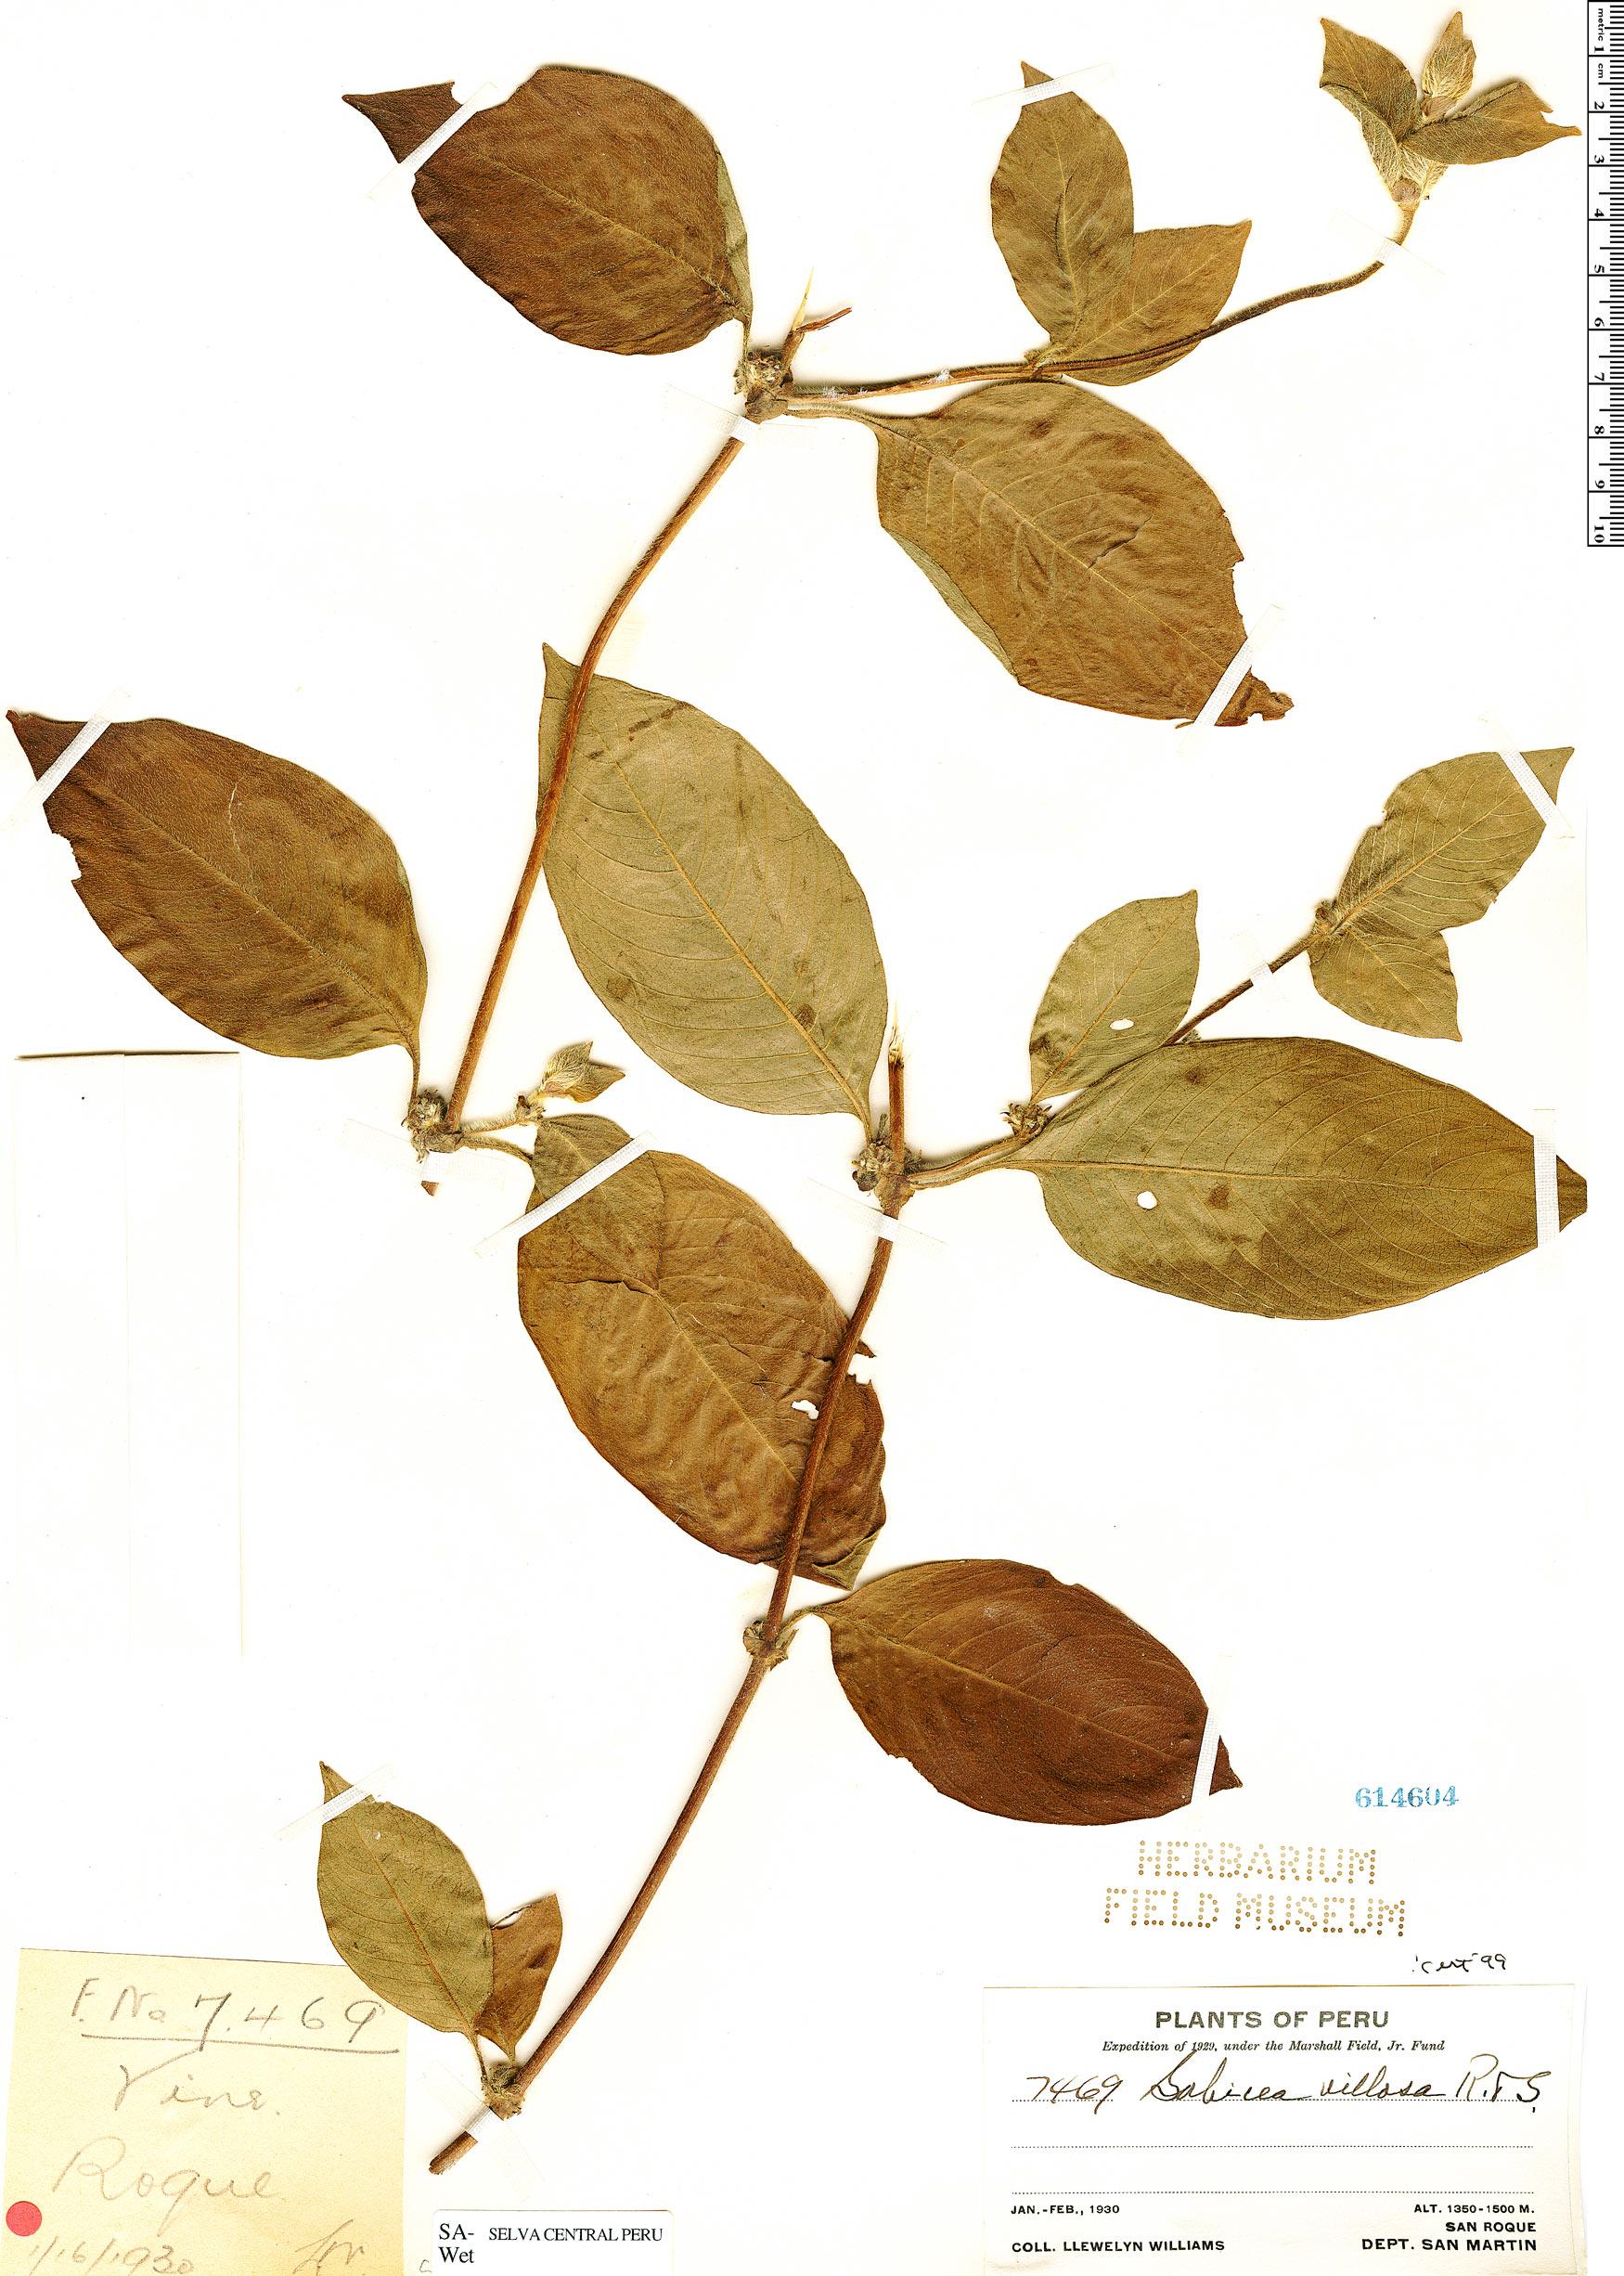 Specimen: Sabicea villosa